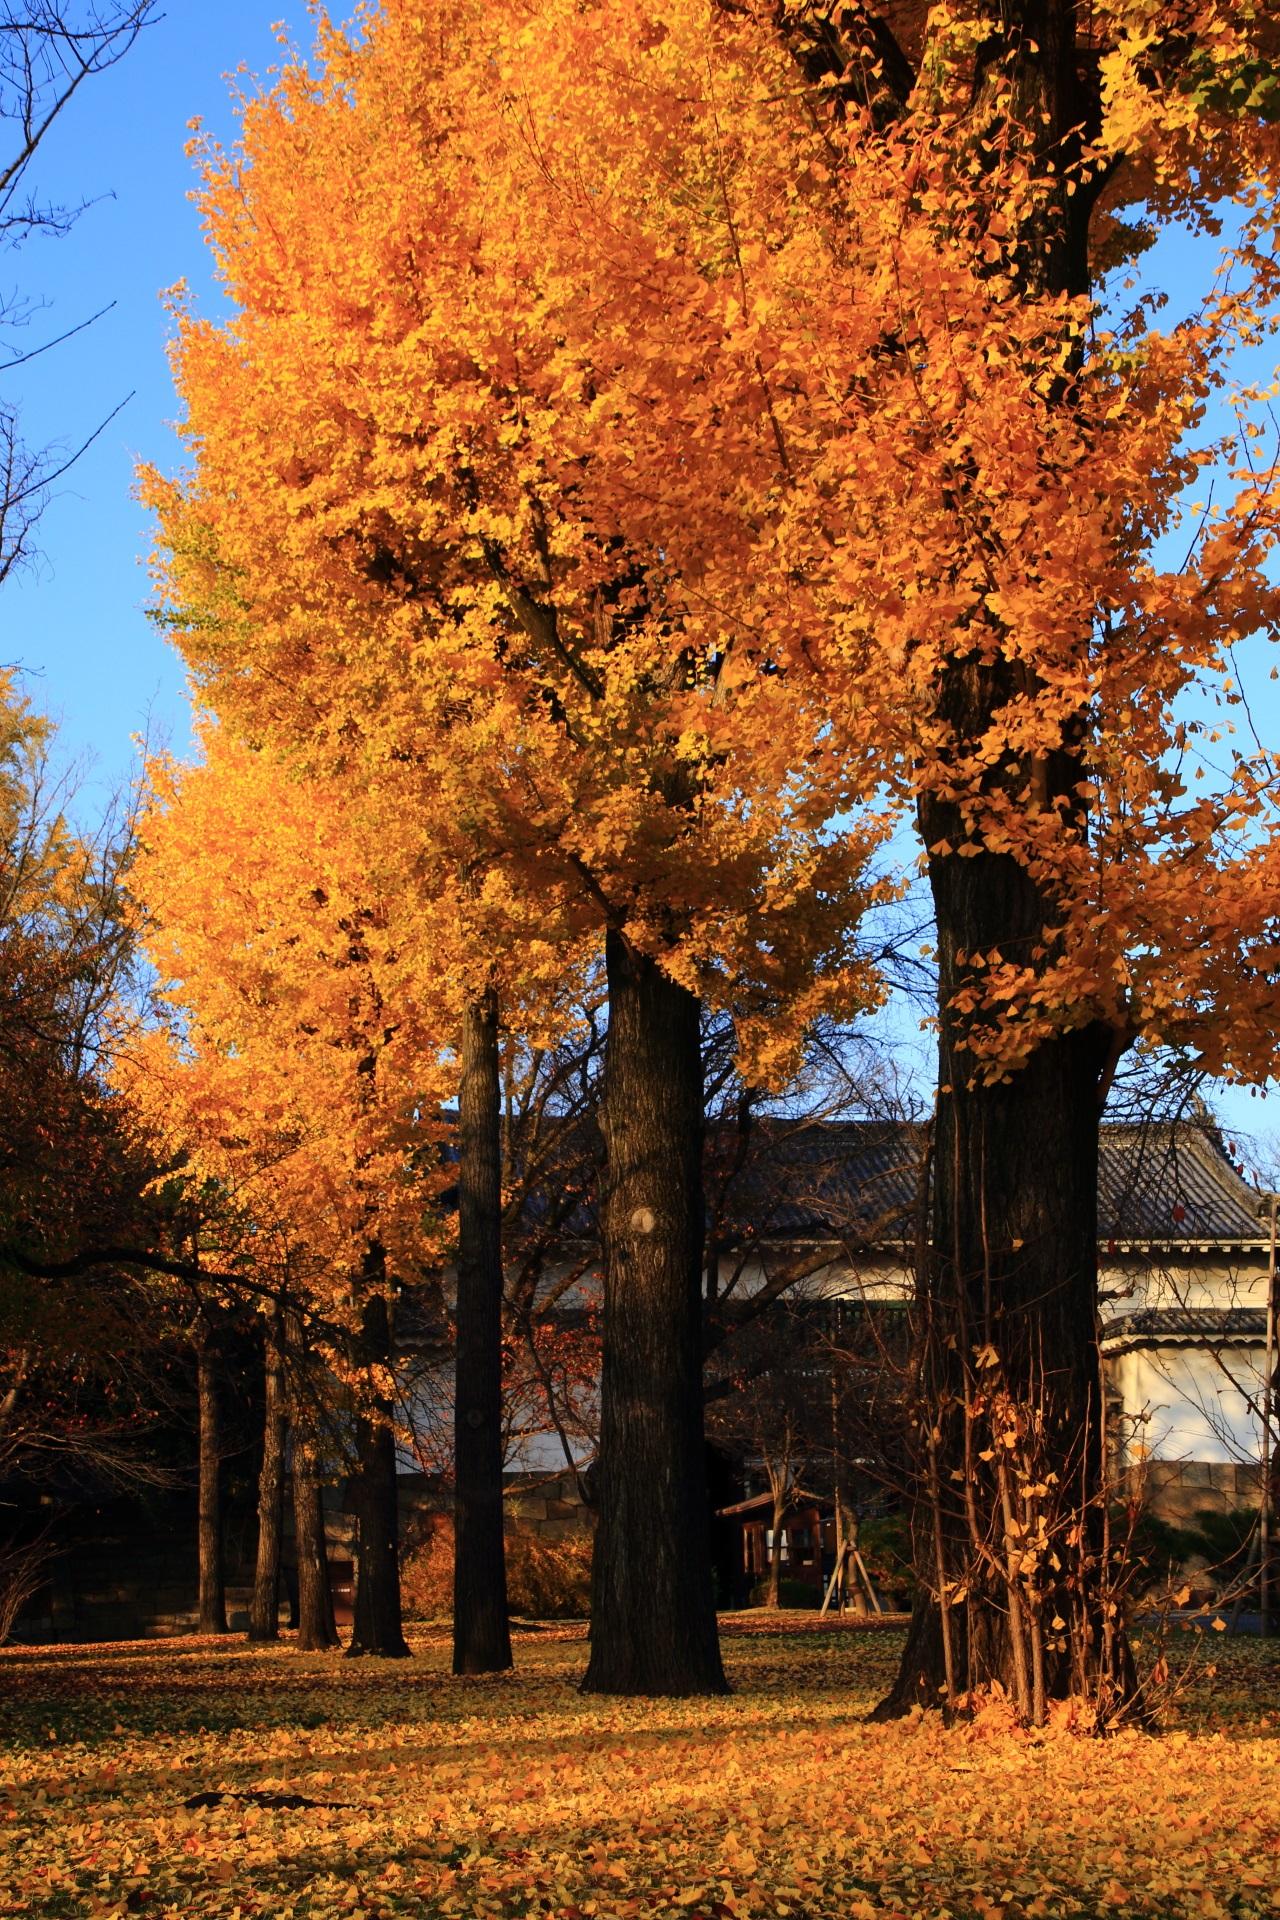 上も下も銀杏の煌く秋色に染まる二条城